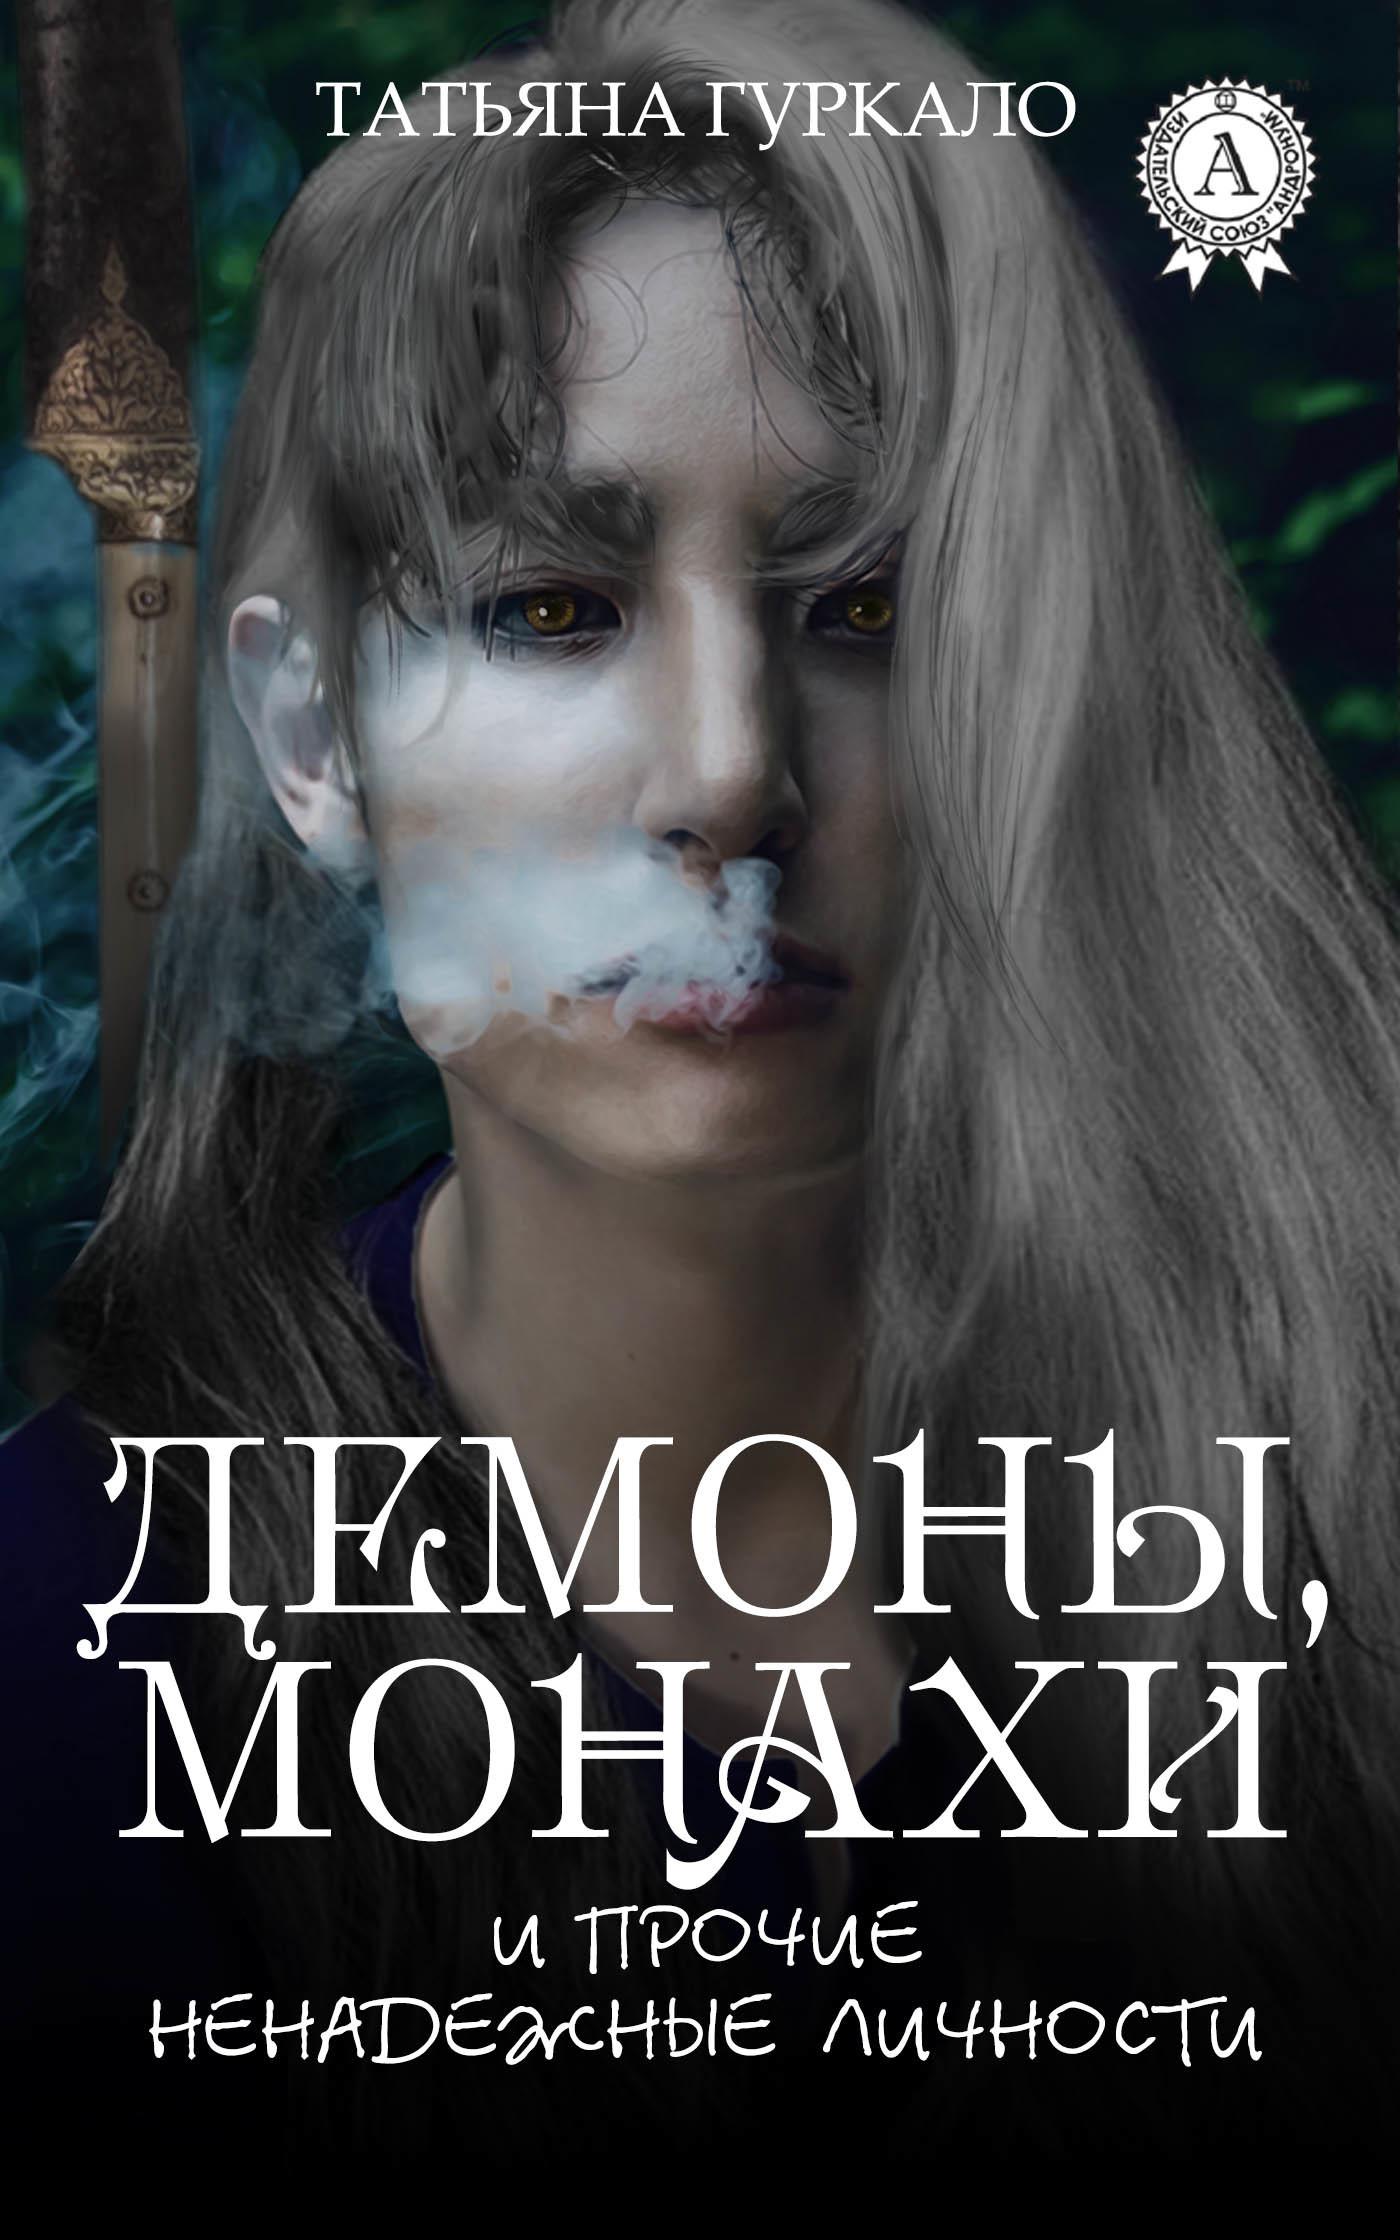 Татьяна Гуркало бесплатно